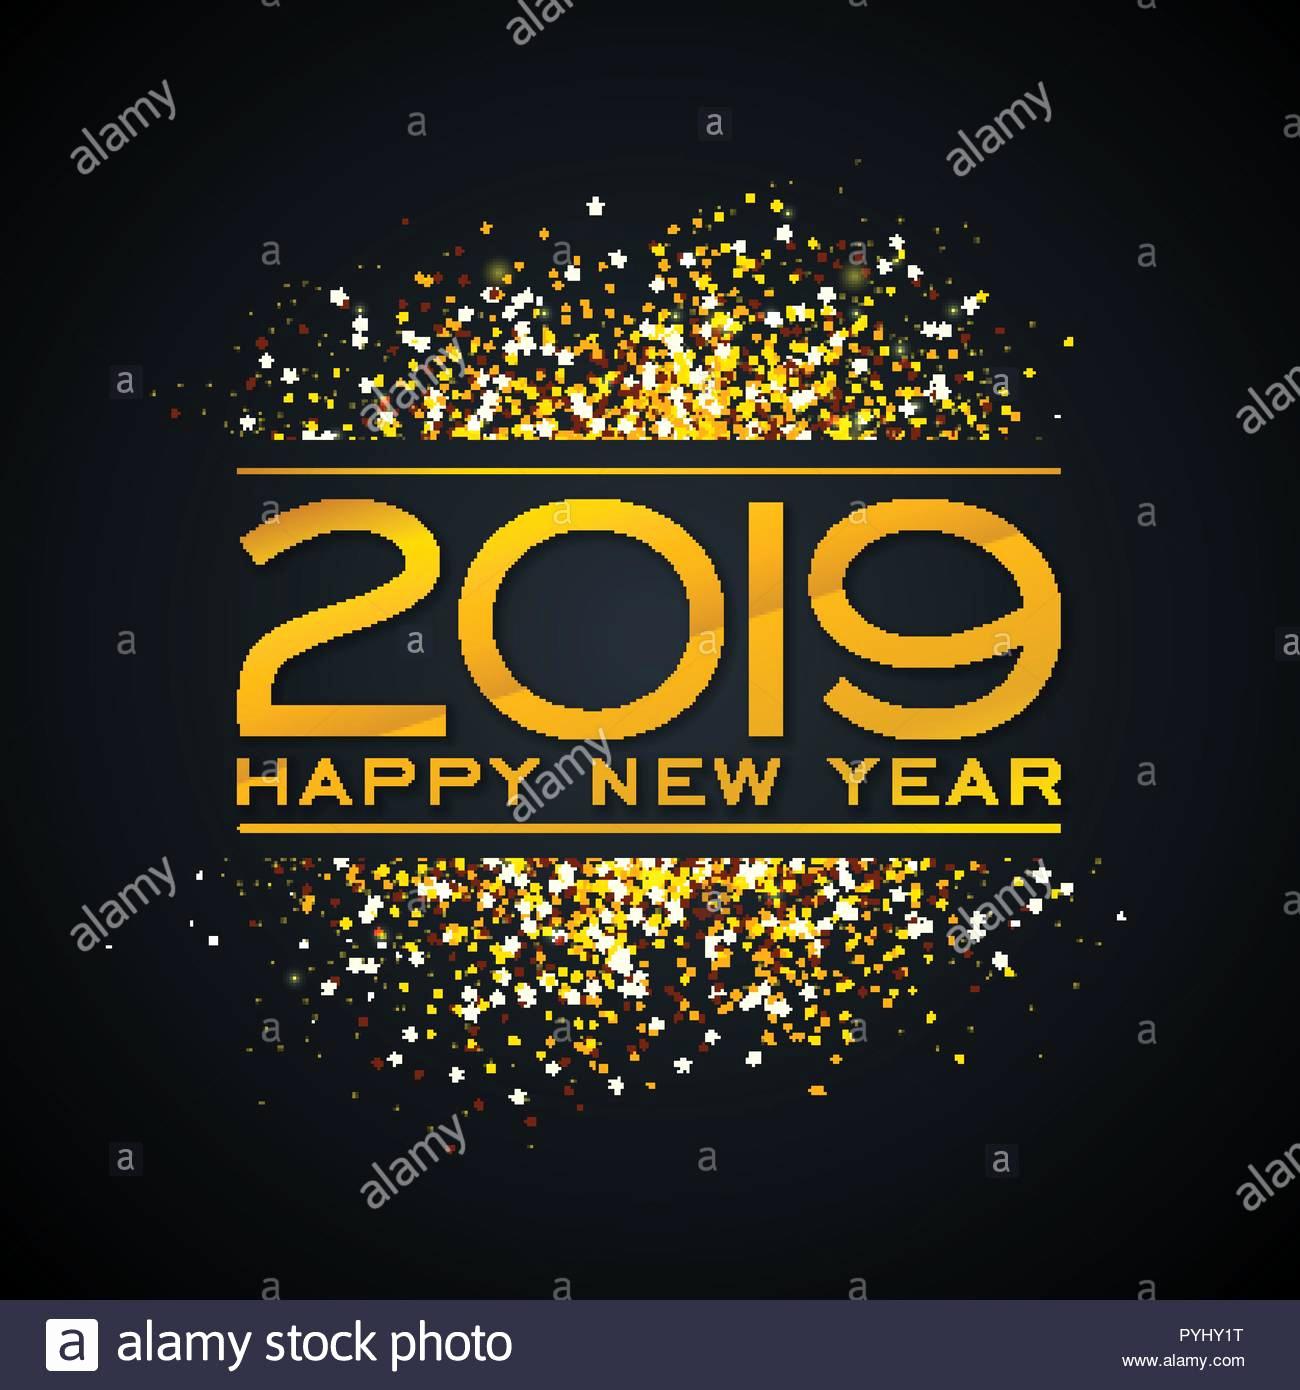 New Years Invitation 2019 Unique 2019 Happy New Year Illustration Avec De L or Et La Baisse